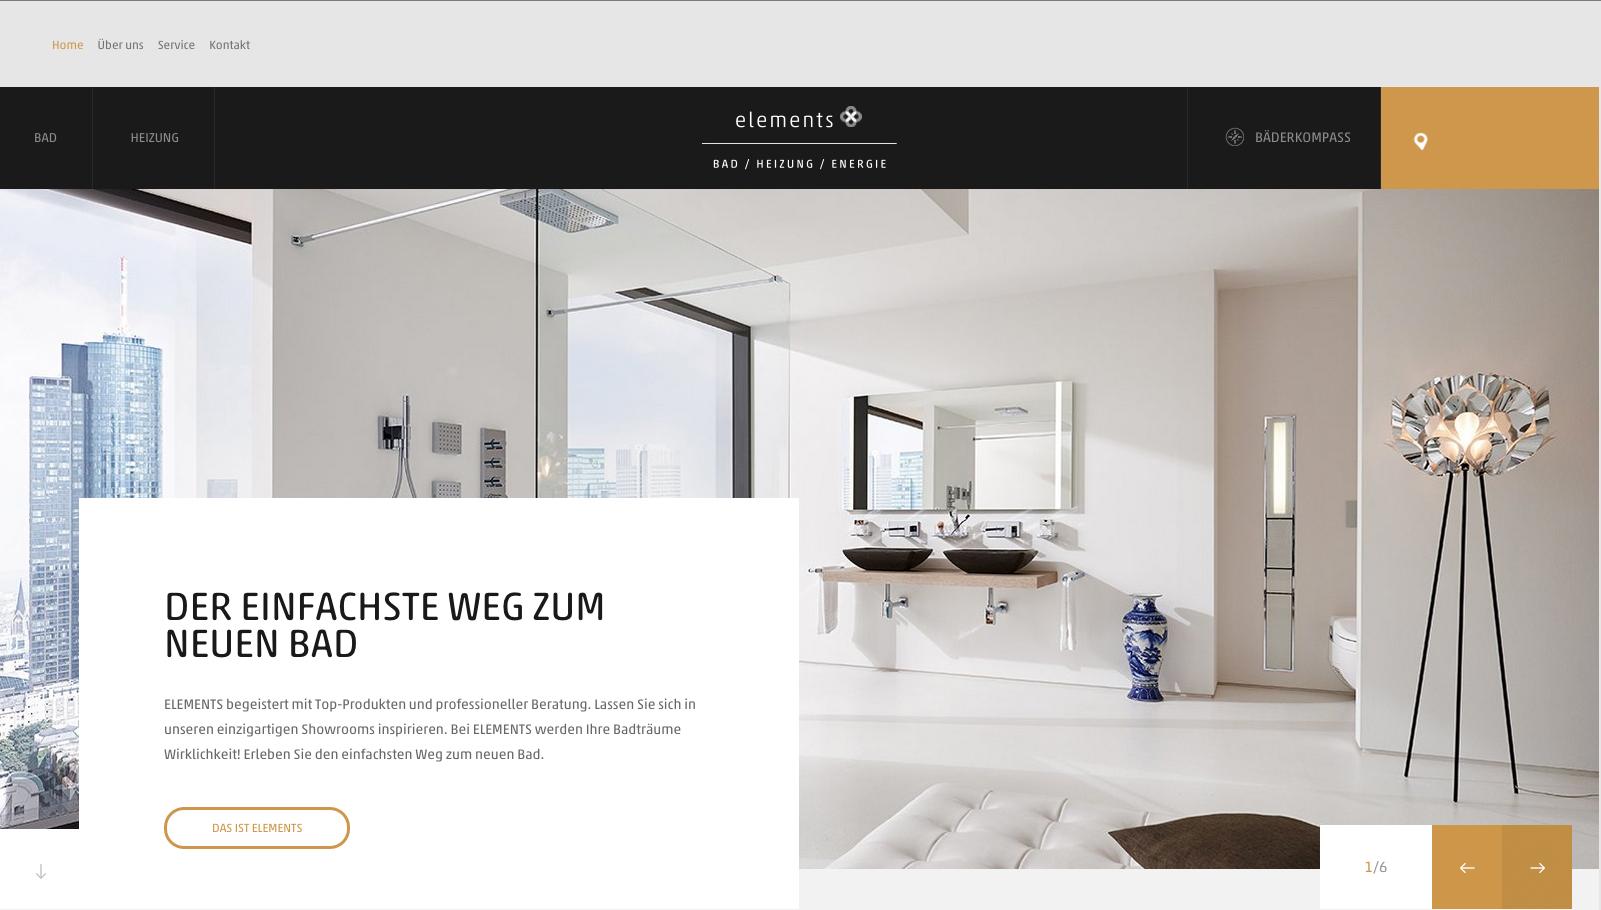 mit elements auf dem einfachsten weg zum neuen bad die neue erlebnisausstellung f r alle. Black Bedroom Furniture Sets. Home Design Ideas